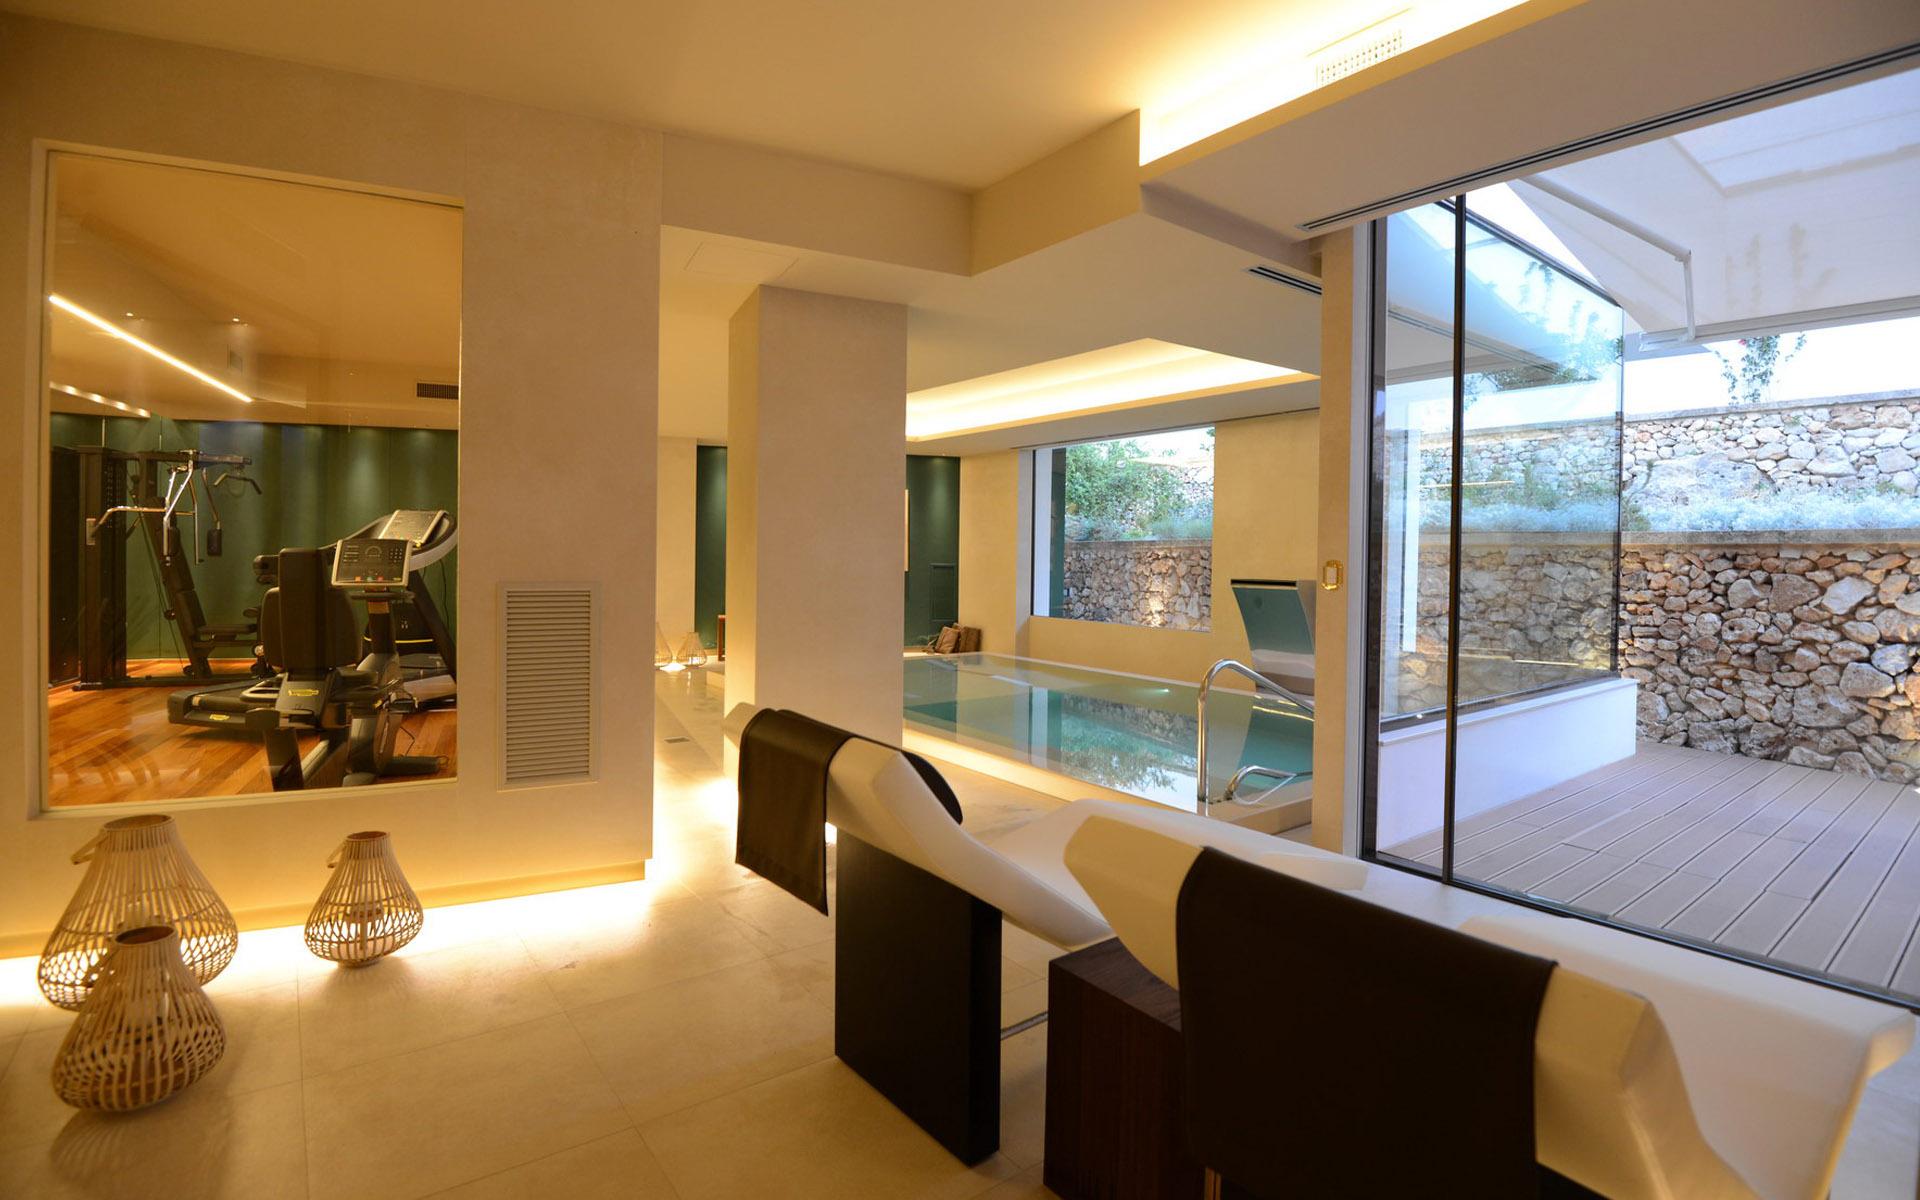 calabrese interior design progettazione e arredamenti a